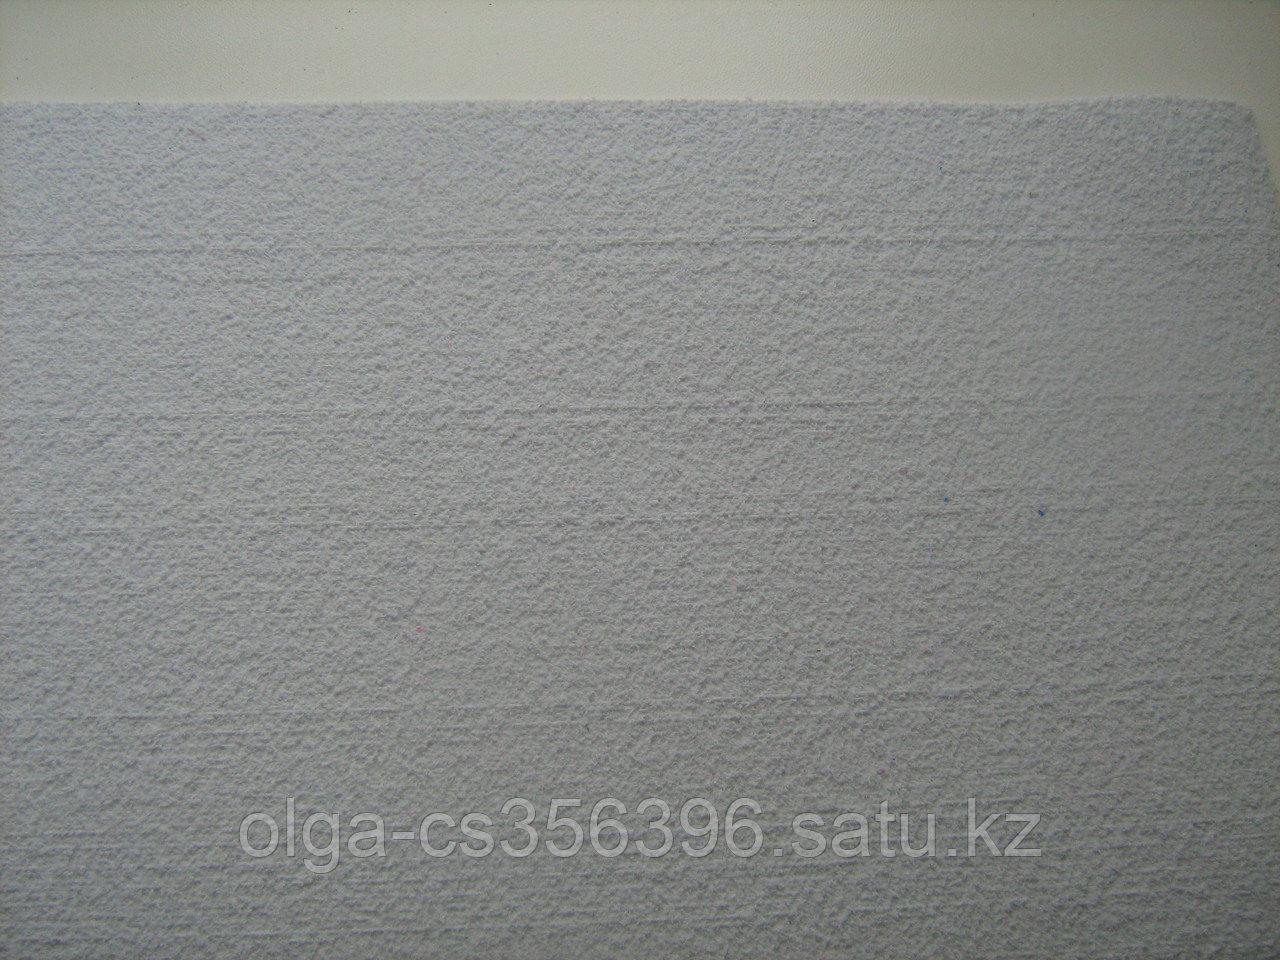 Фоамиран махровый. Белый. Creativ  1583